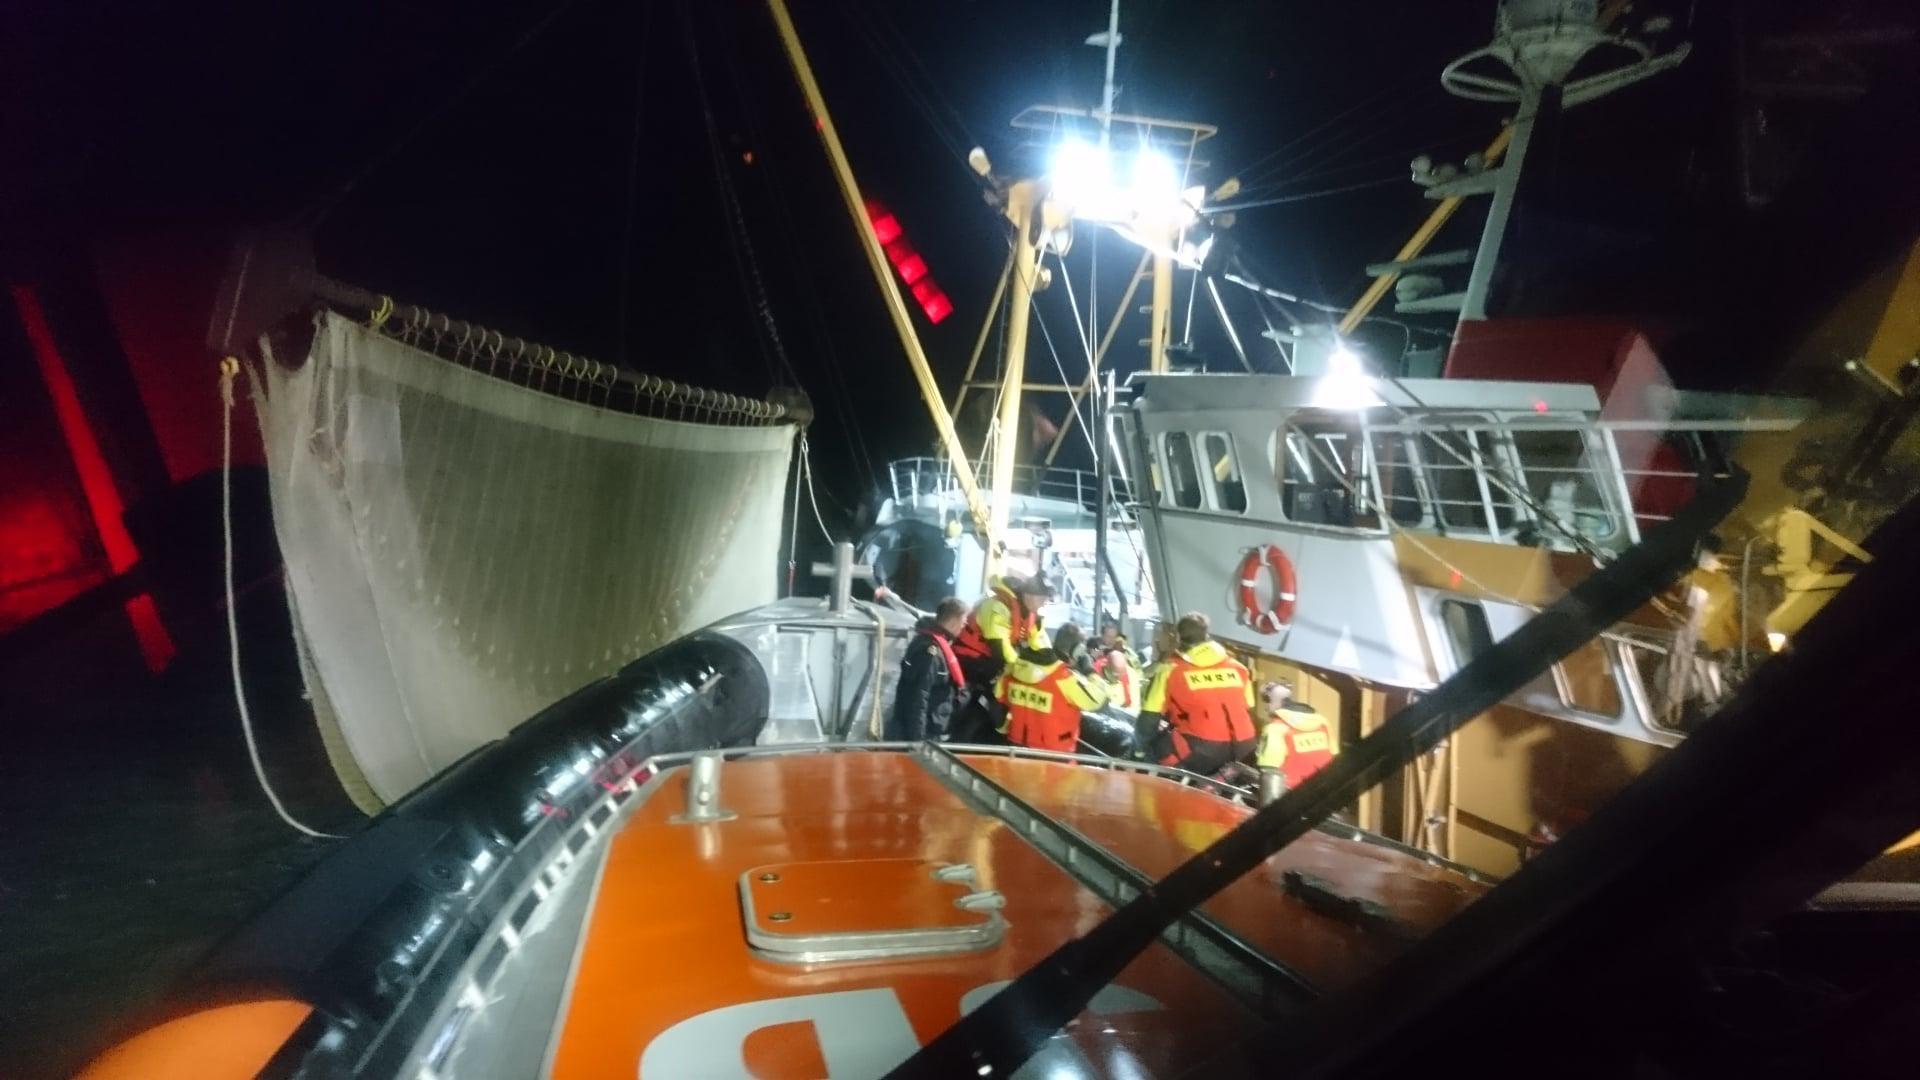 Onderzoeksraad doet aan boord van kotter in Den Helder verkennend onderzoek na ongeval